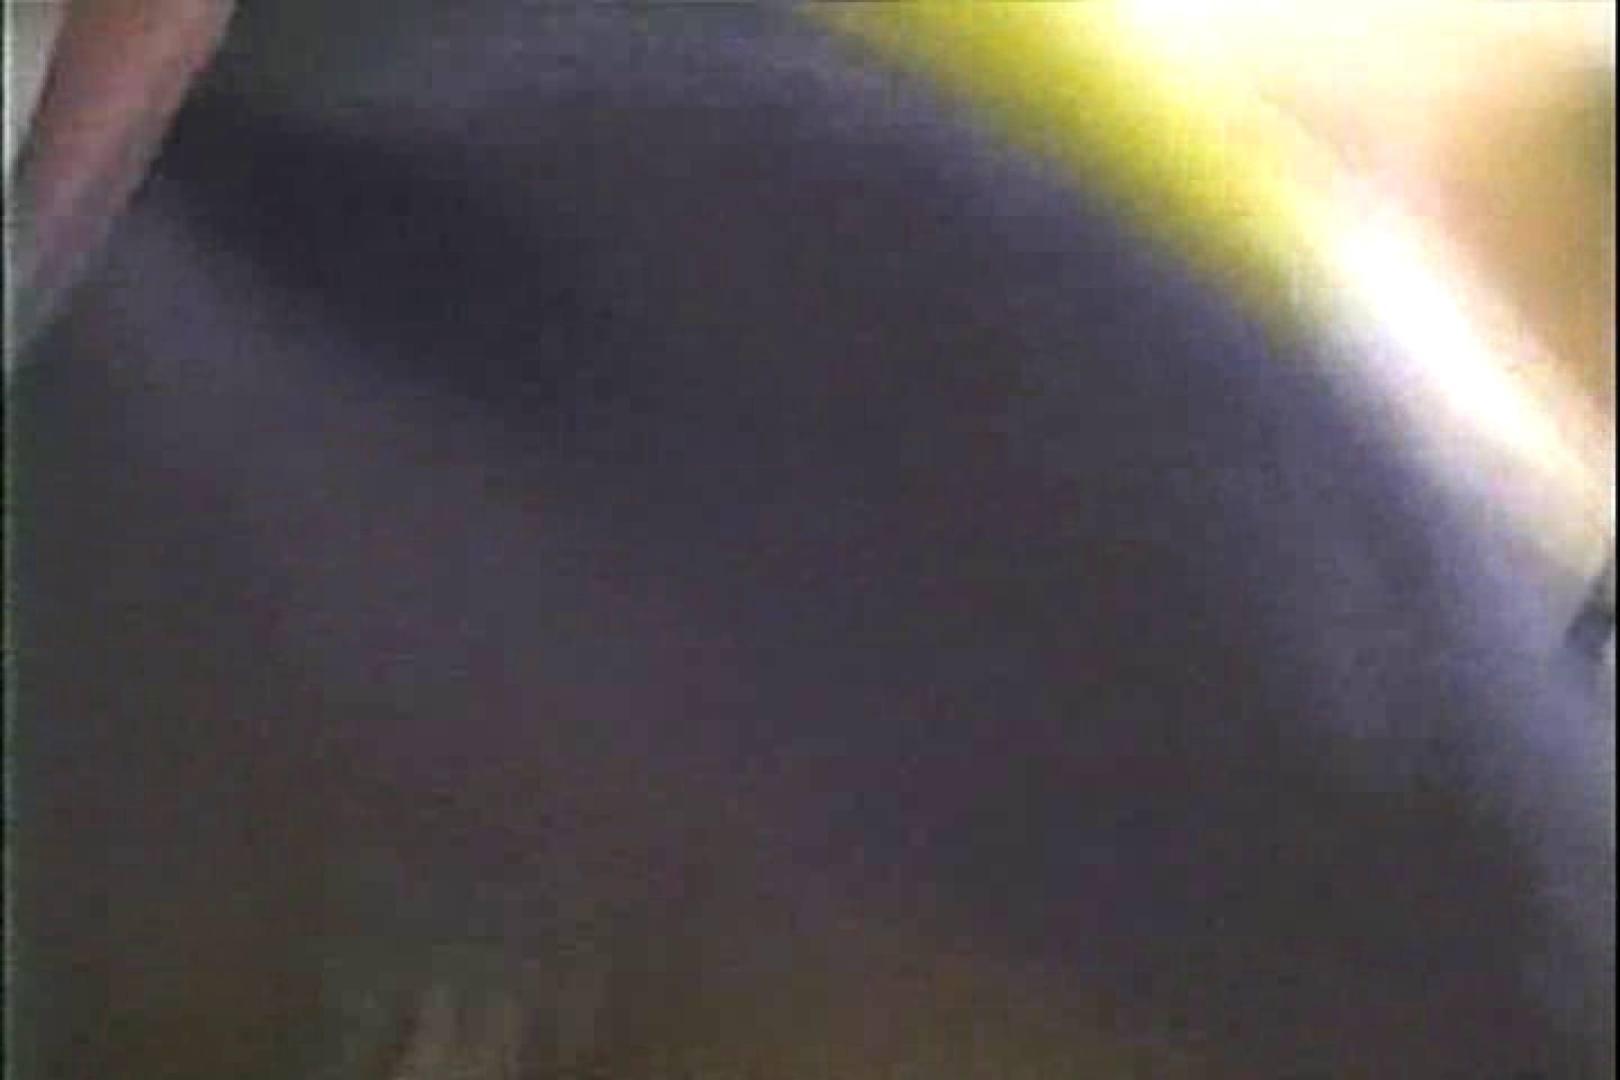 「ちくりん」さんのオリジナル未編集パンチラVol.3_01 レースクイーン   パンチラハメ撮り  40pic 13